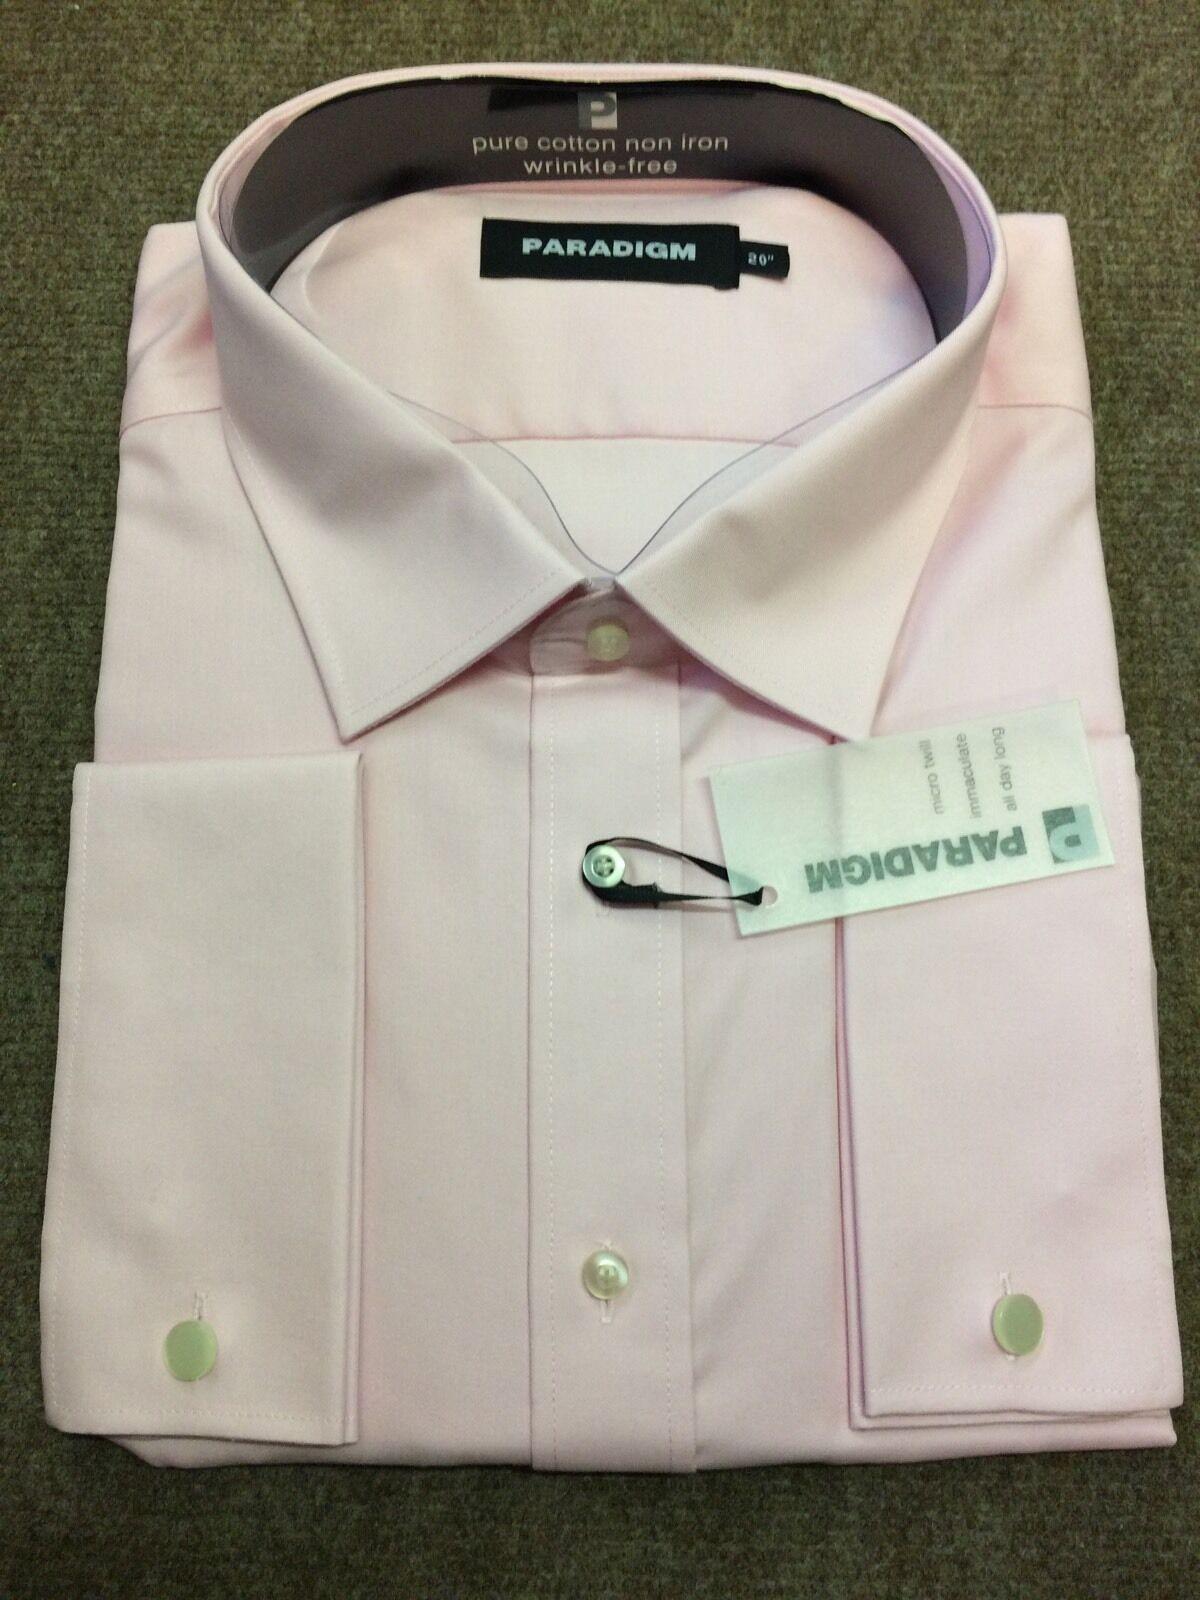 PARADIGM ® Puro Cotone Non Stirare DC Camicia Formale rosa tenue - 20  SRP .00